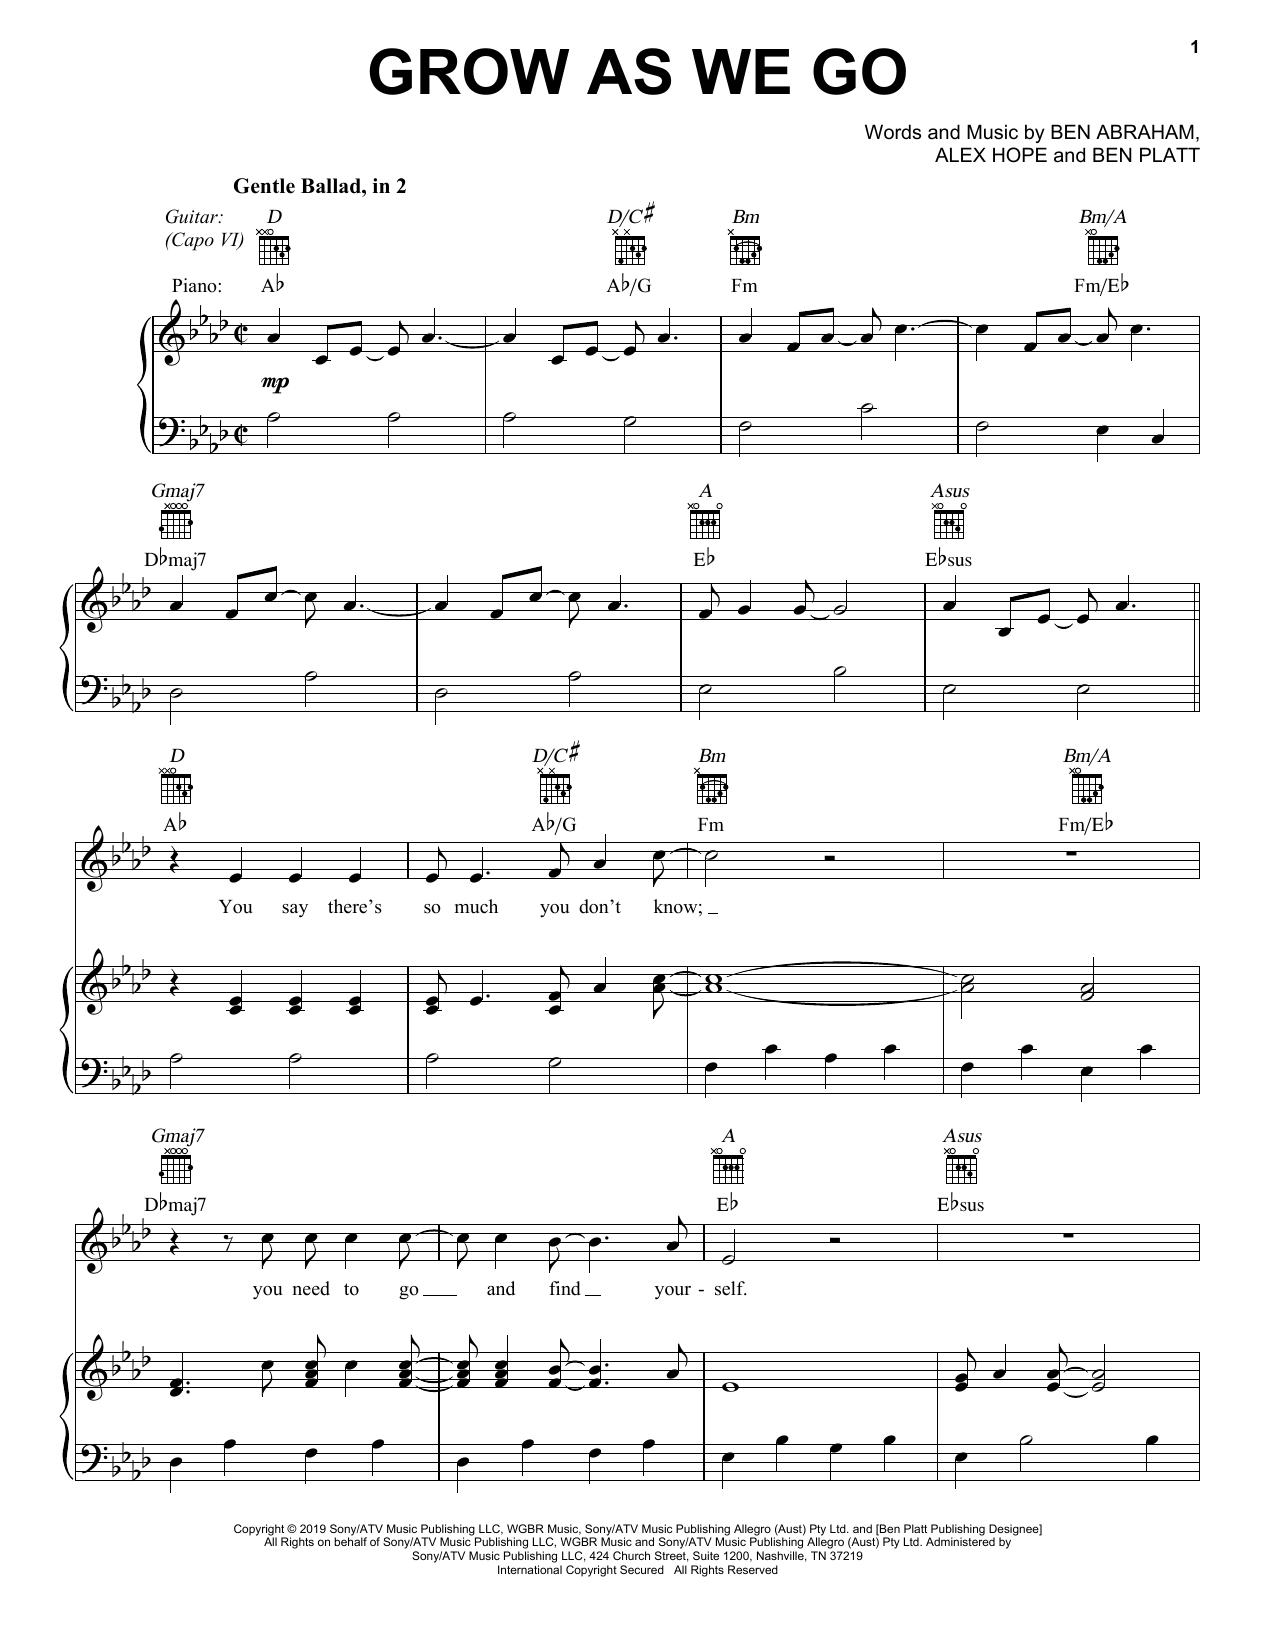 Ben Platt Grow As We Go sheet music notes and chords